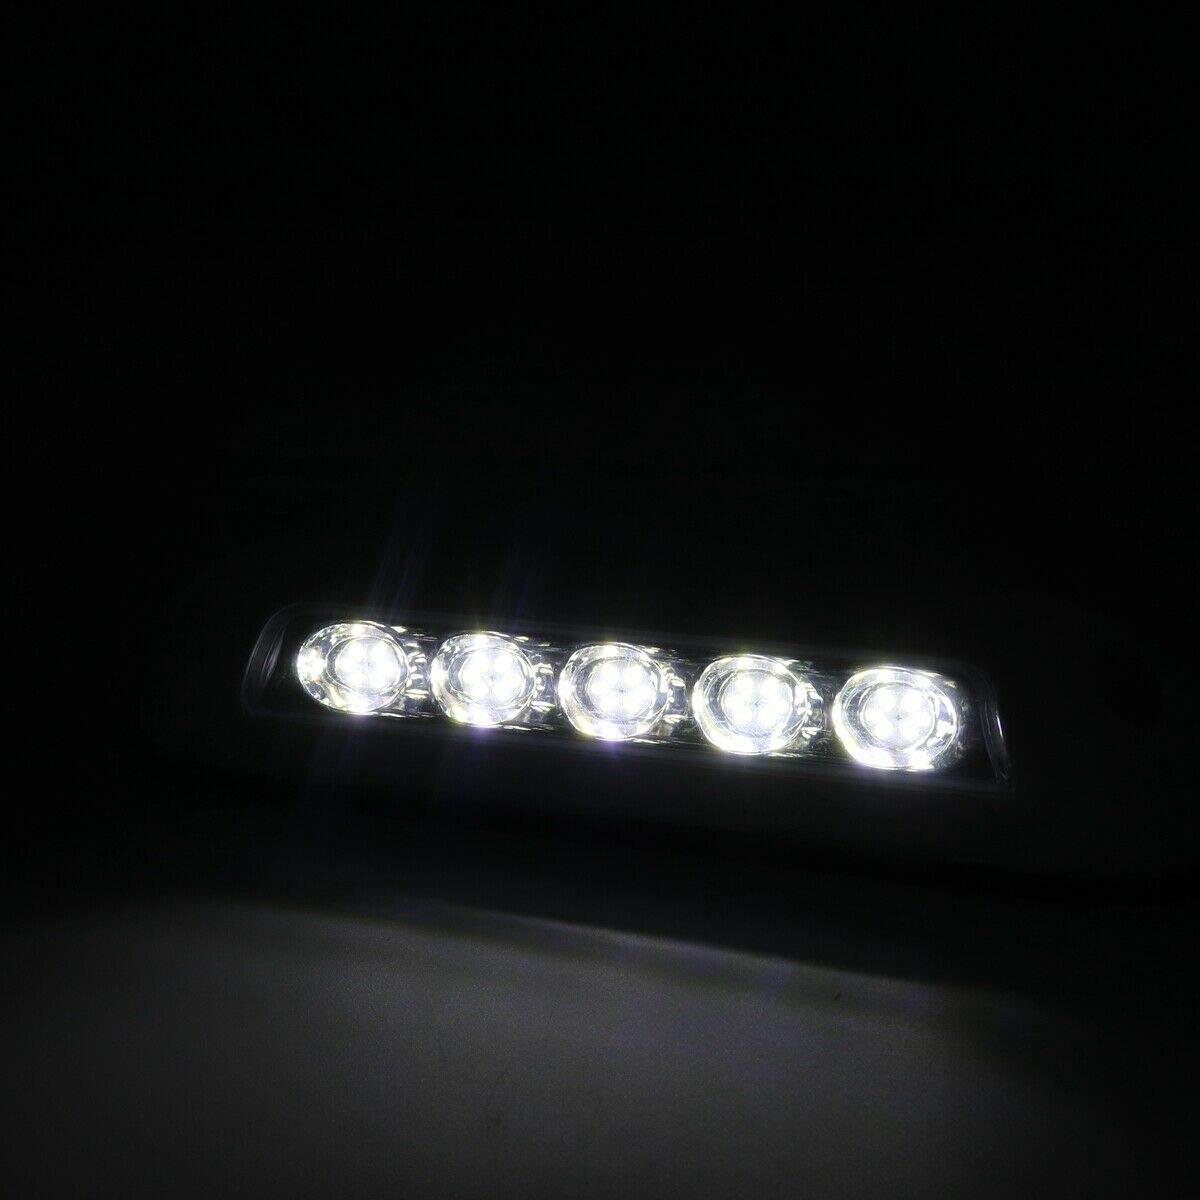 Moligh doll Projecteurs LED De Bateau RV De Voiture De 12V Lampe Dome 5 Eclairage Plafonnier De 2,6 W 5 Ampoule